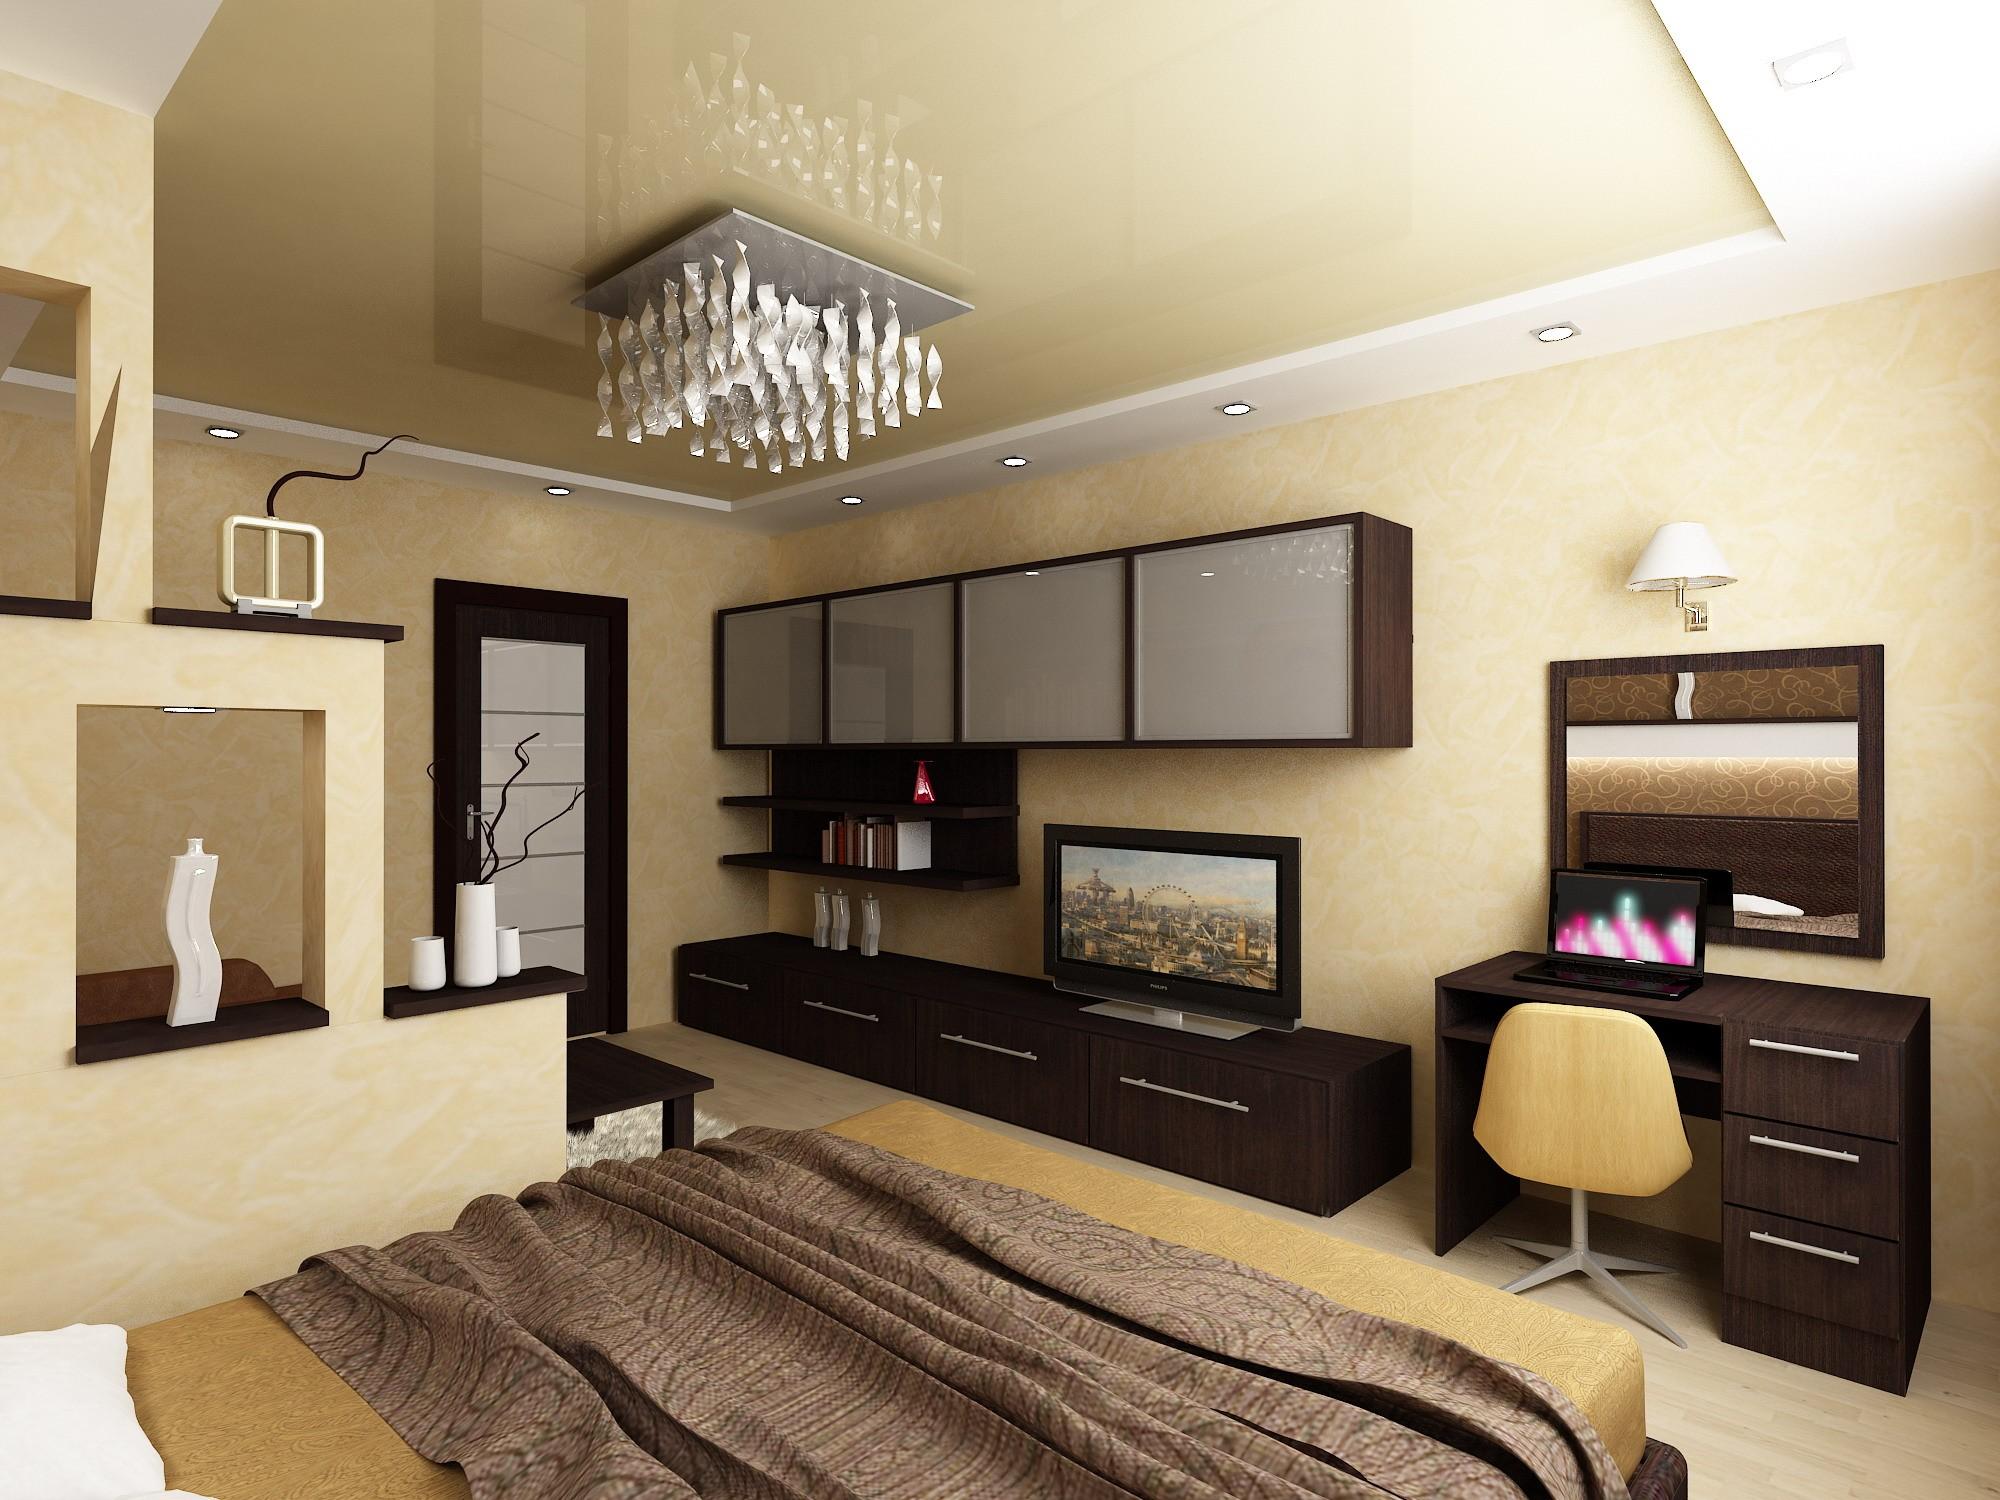 дизайн спальни гостиной фото идеи